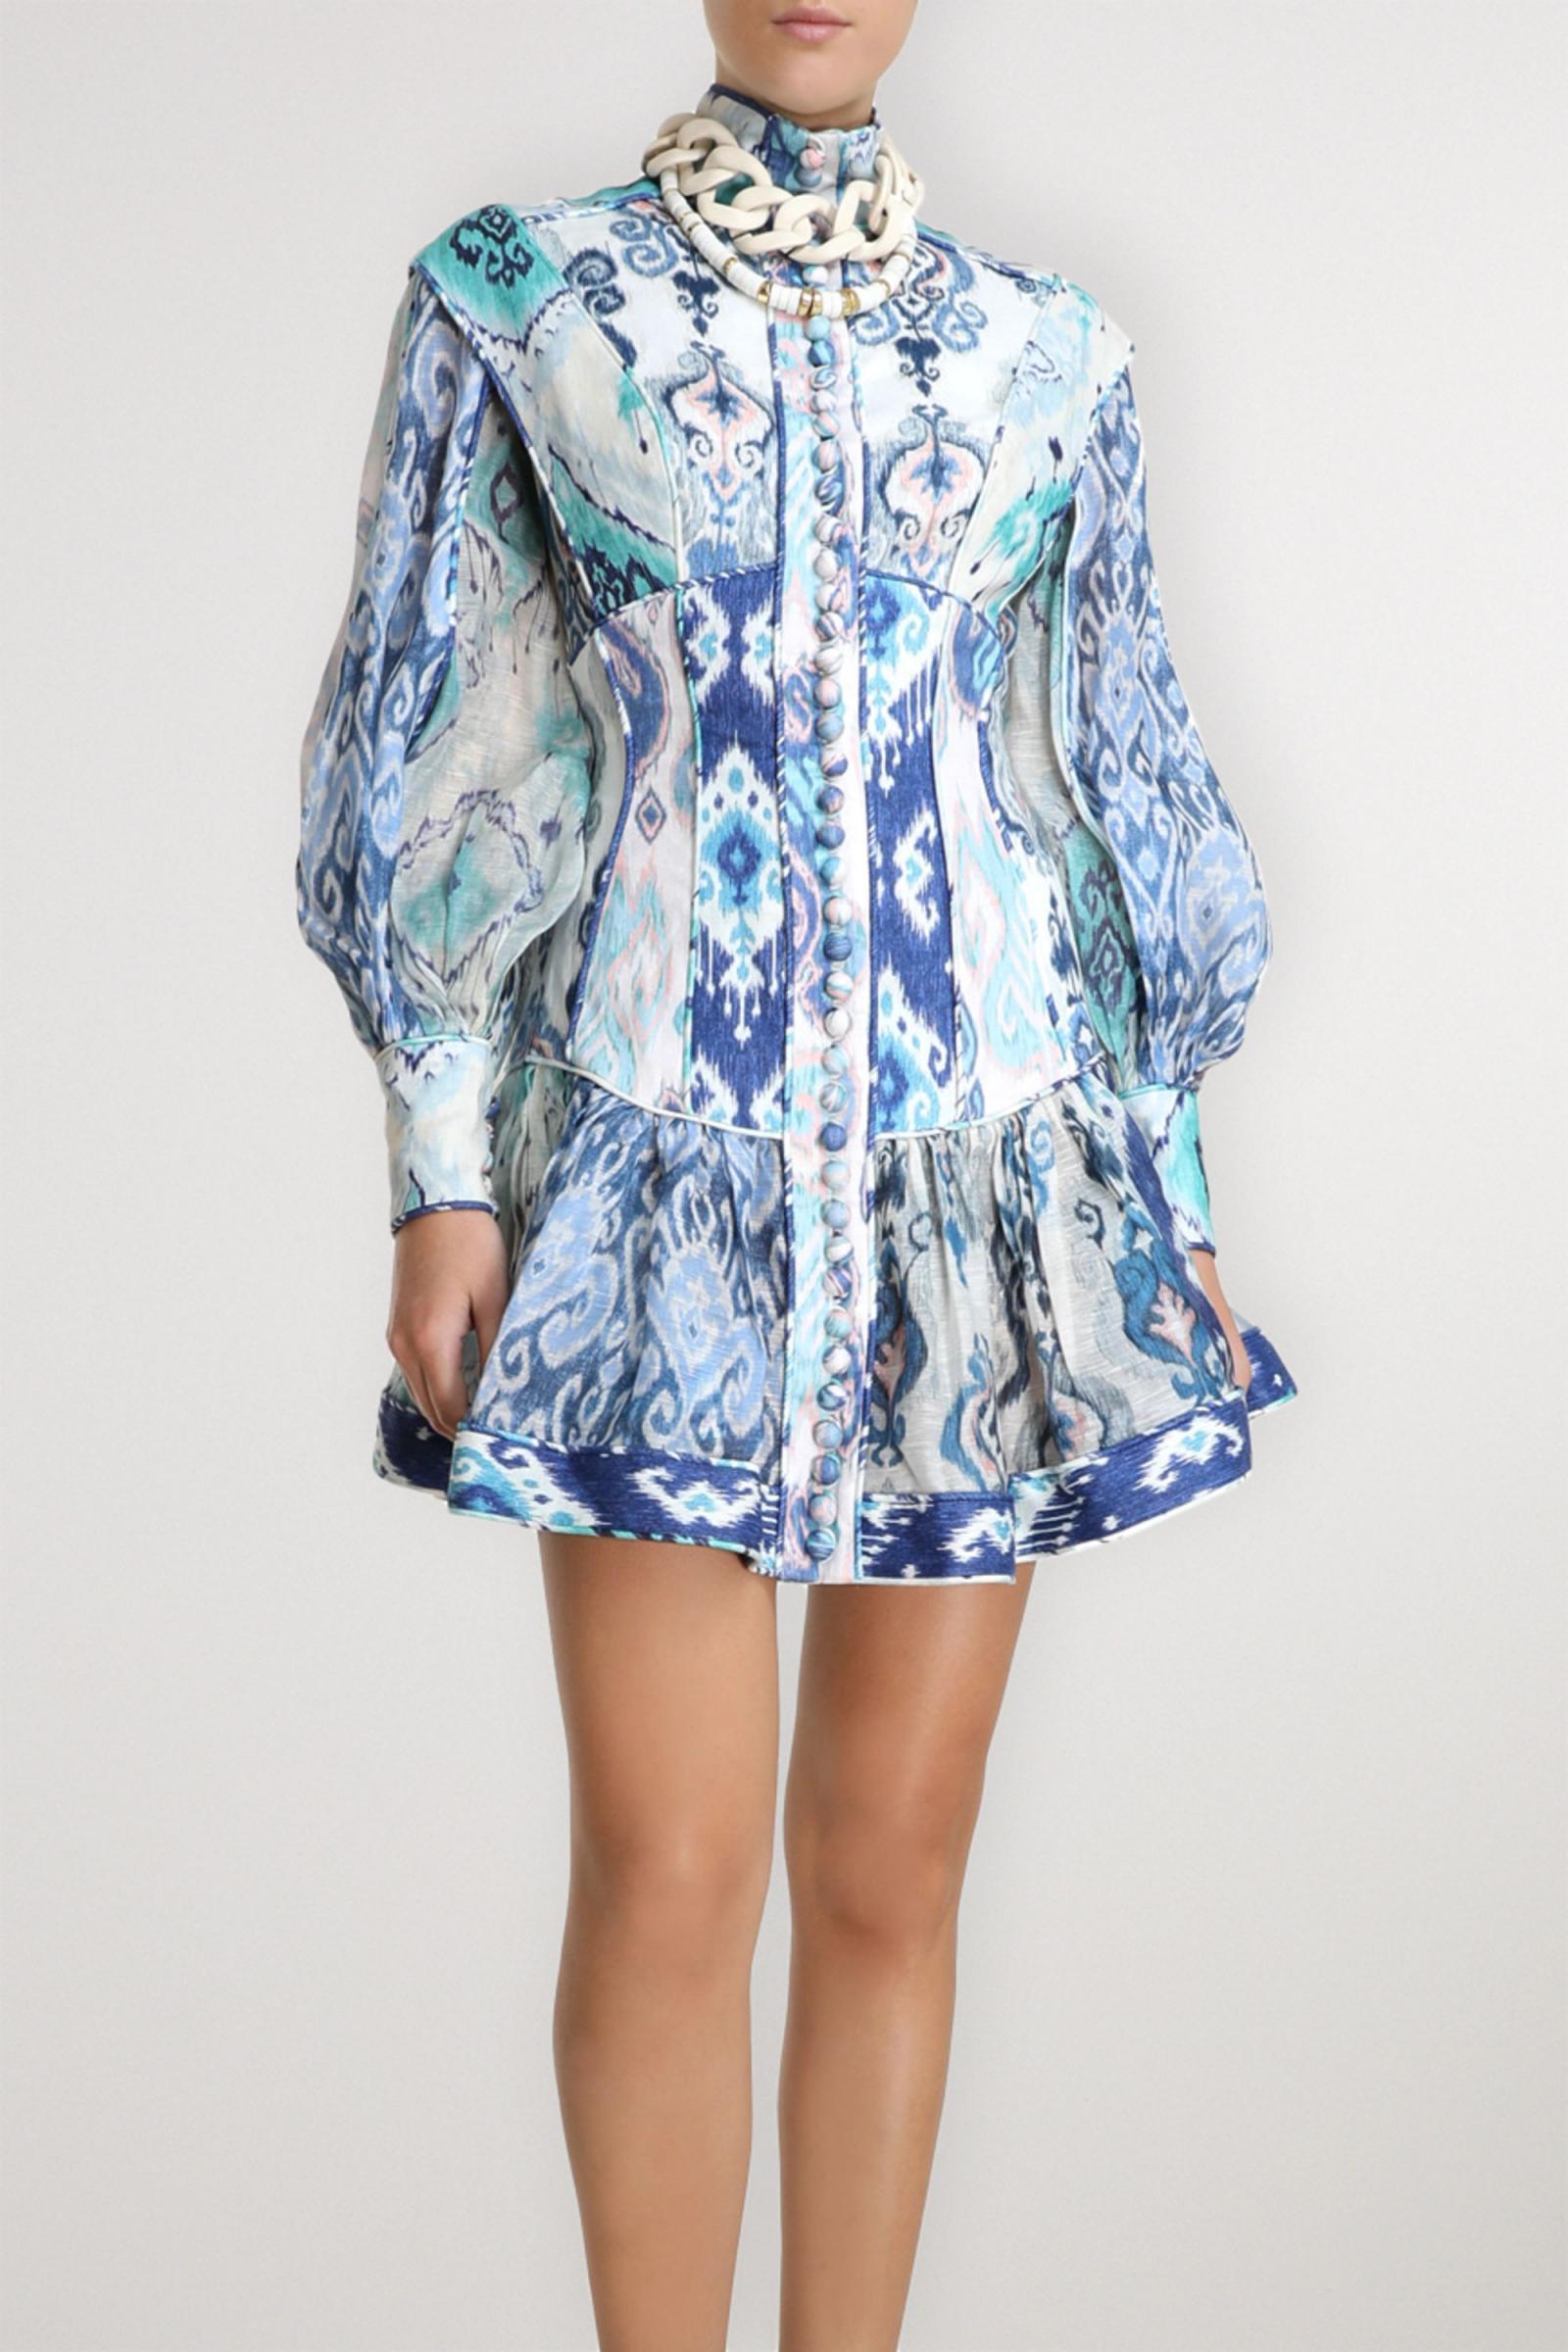 Zimmermann Damen Kleider  Glassy Minikleid Aus Bedrucktem